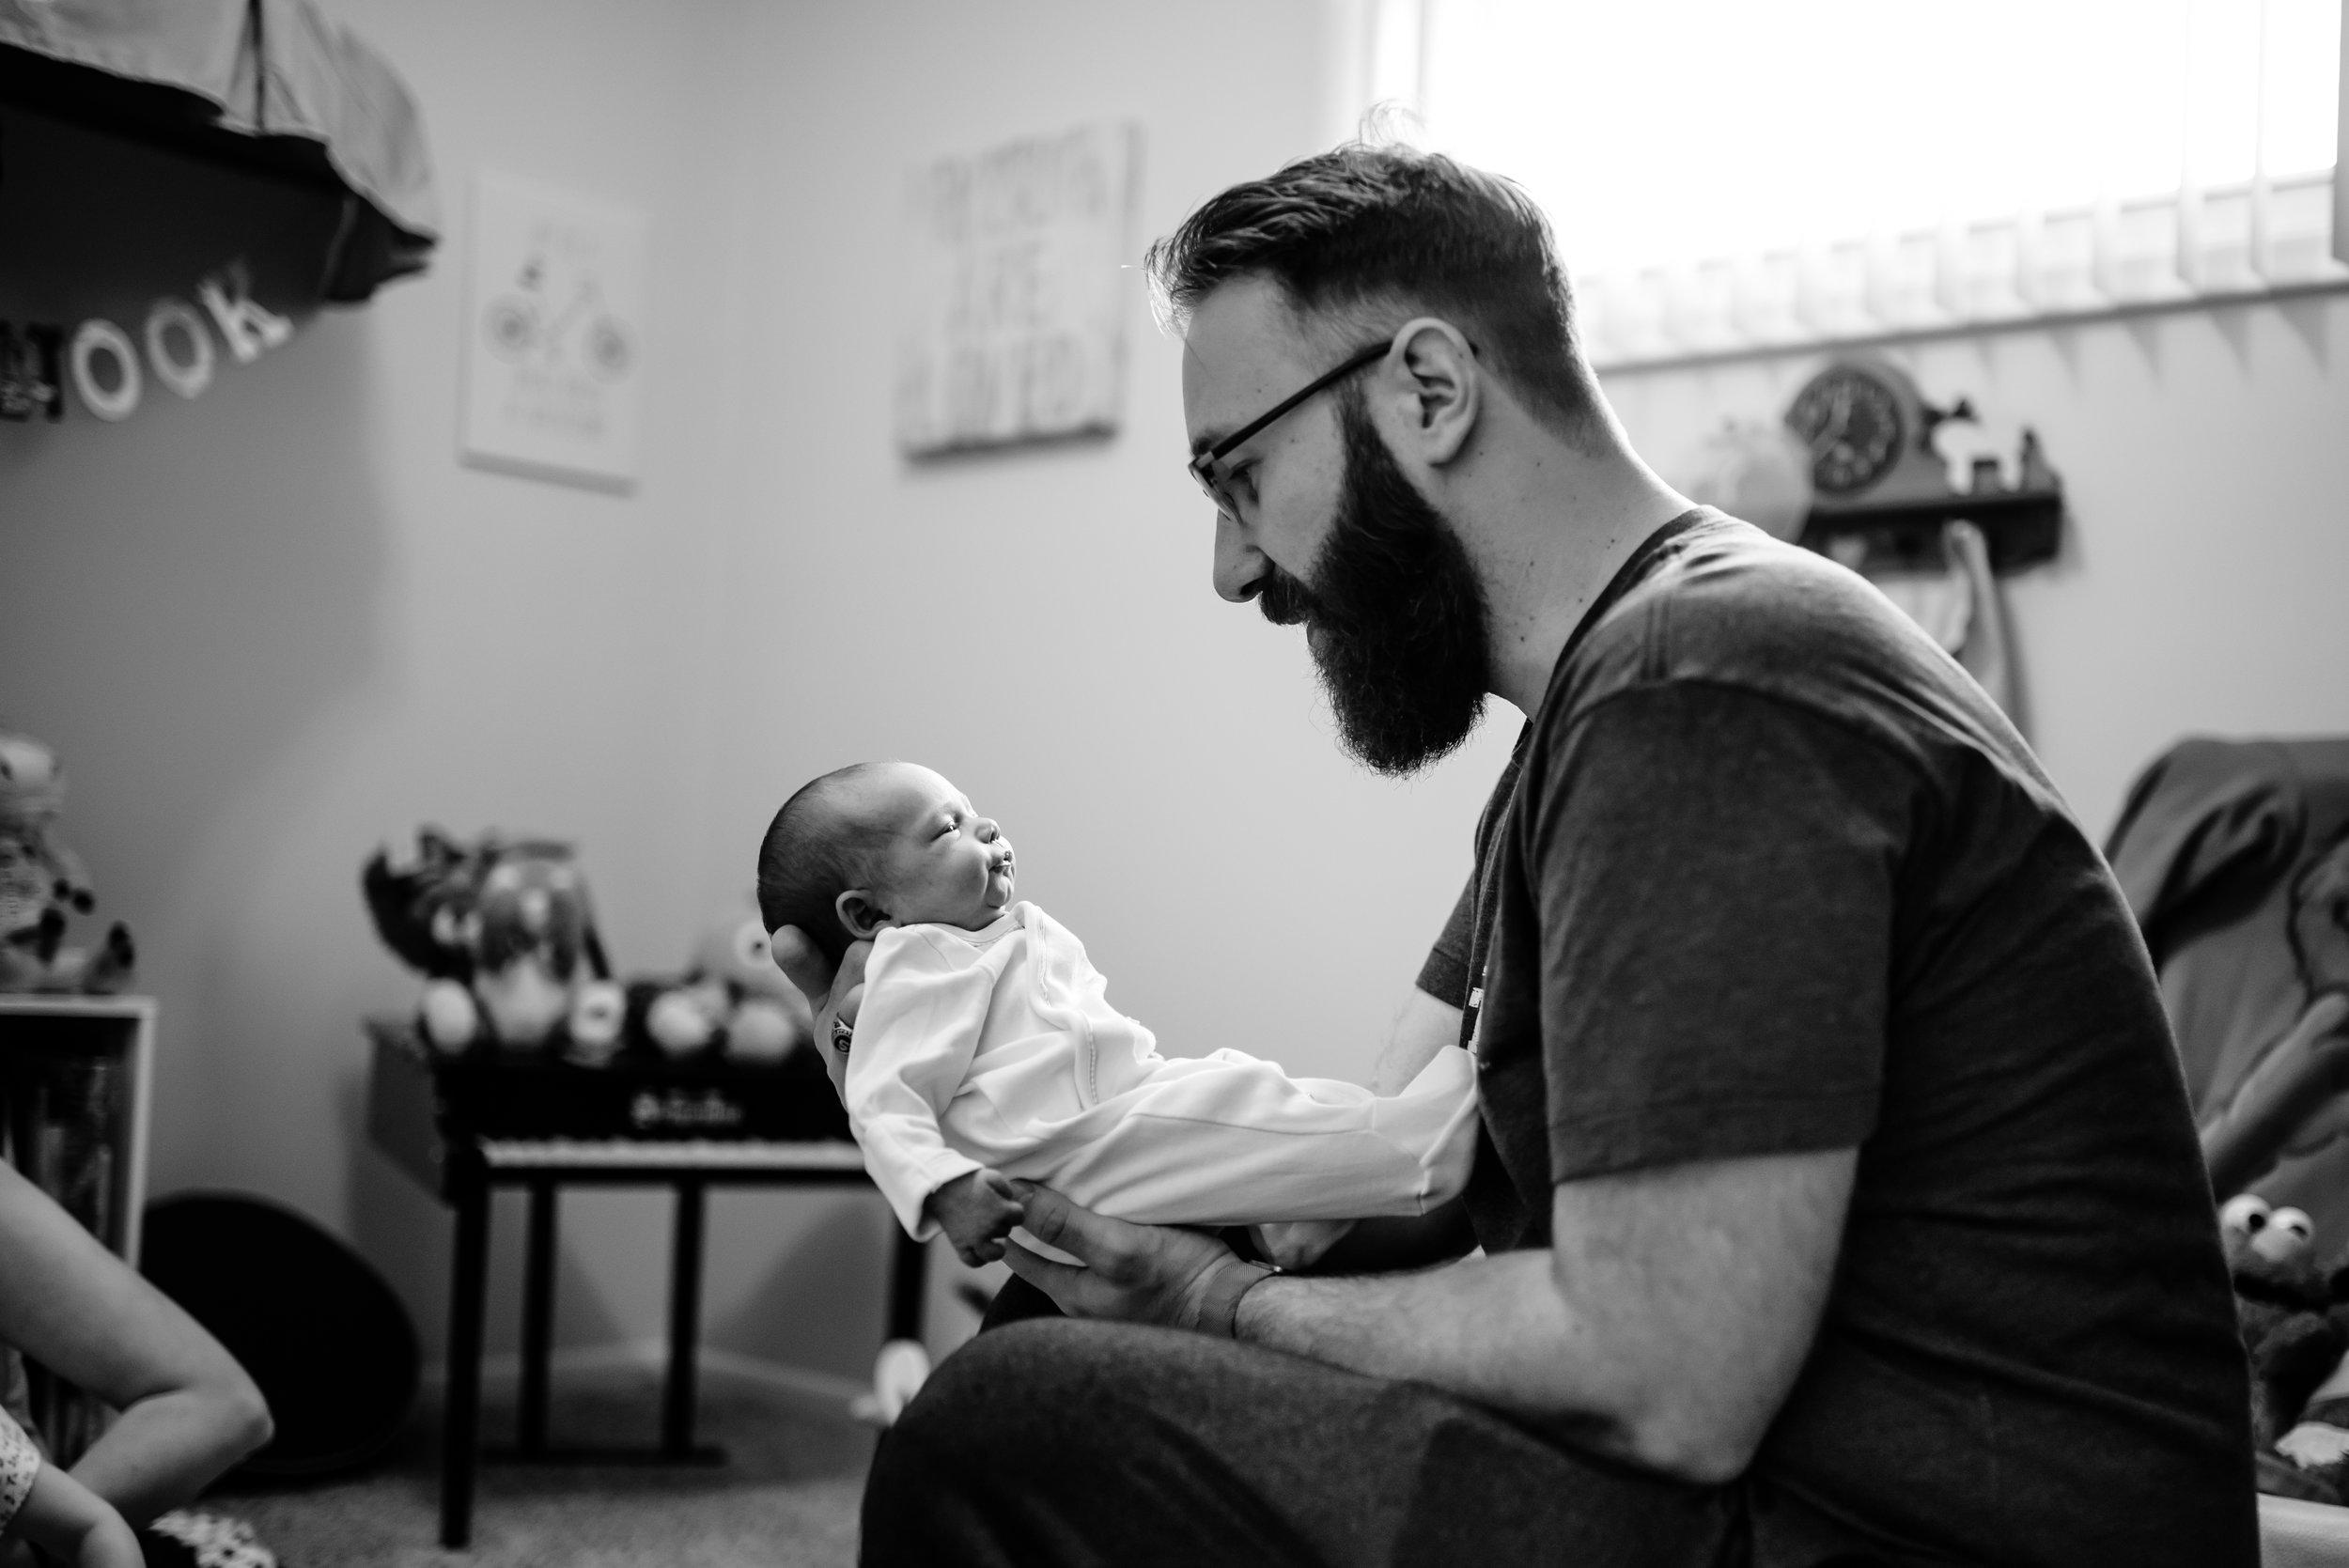 Dad admires baby